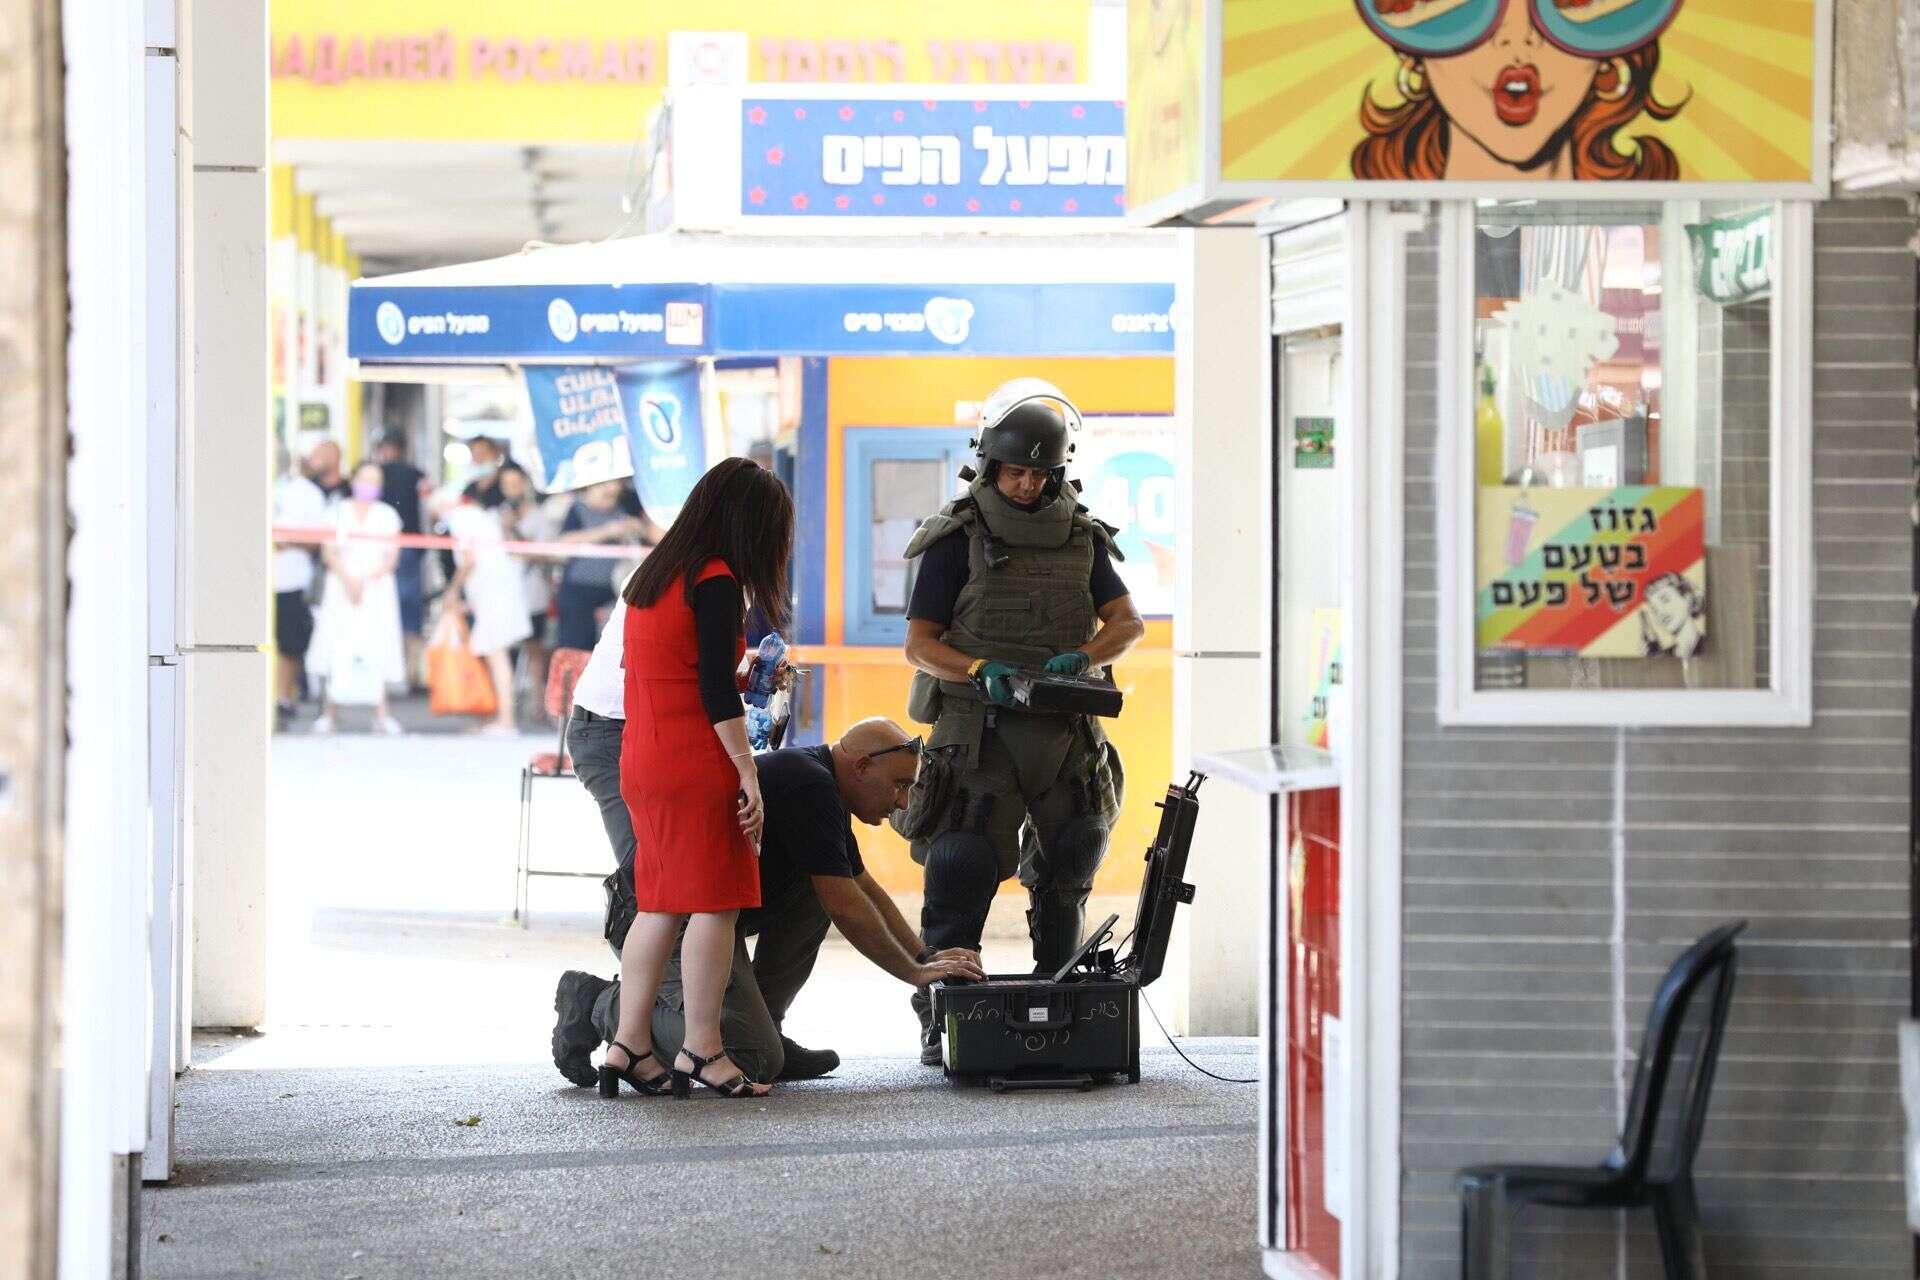 חטף פקידה והצמיד לה חגורת נפץ: כתב אישום חמור בגין ניסיון שוד בנק